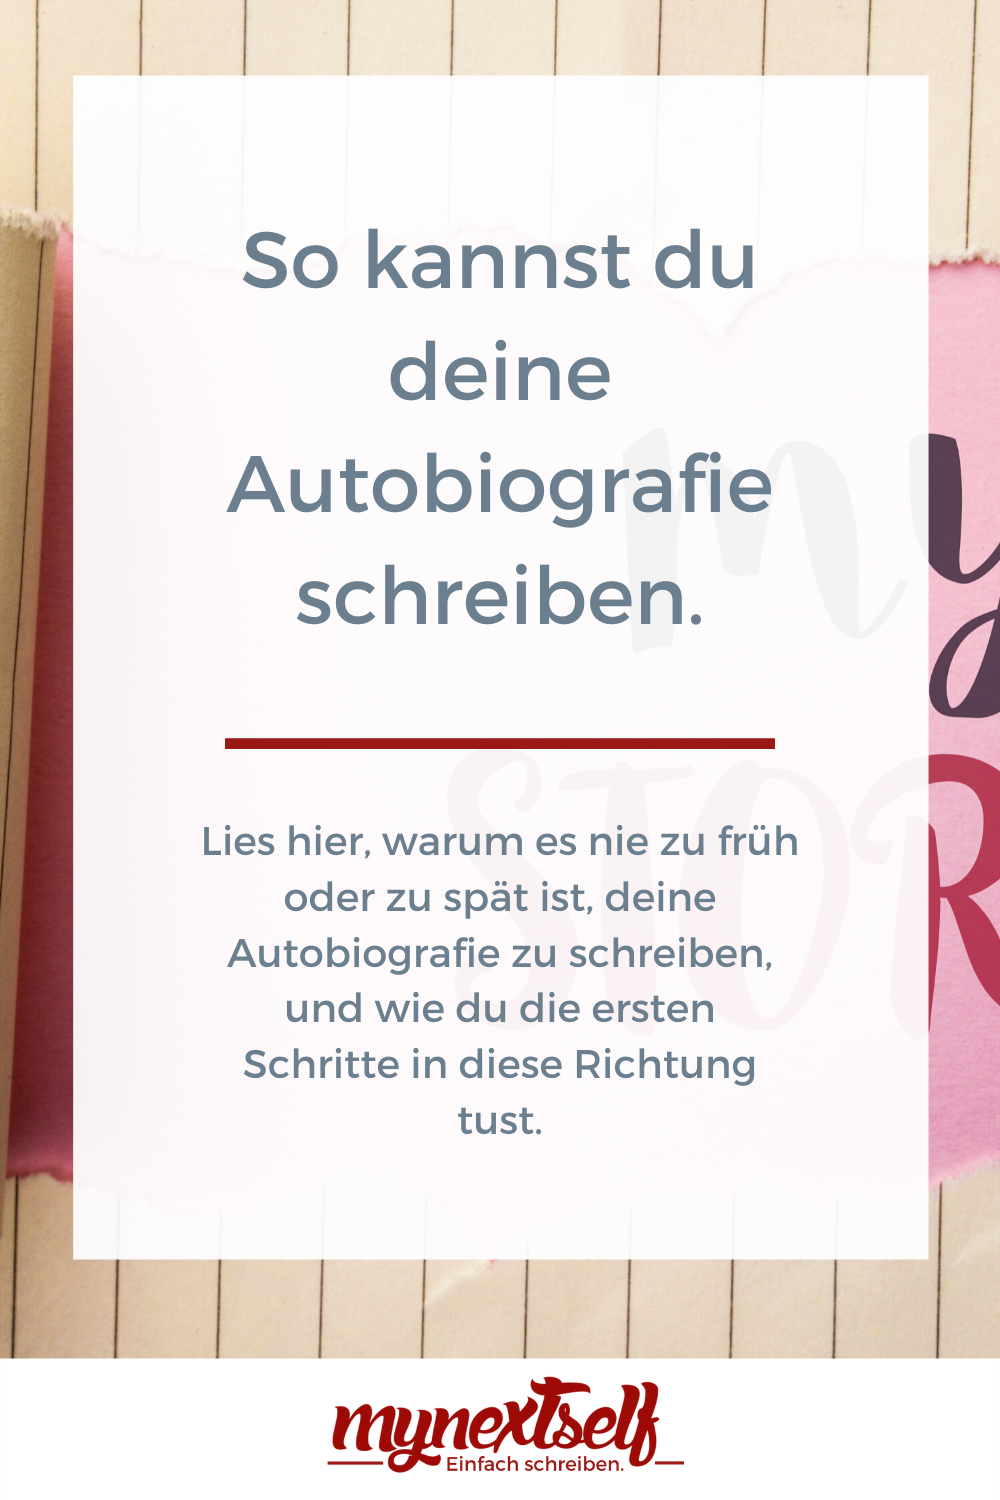 Autobiografie Schreiben Die Besten Tipps Mynextself Com In 2020 Eigenes Buch Schreiben Buch Selber Schreiben Schreiben